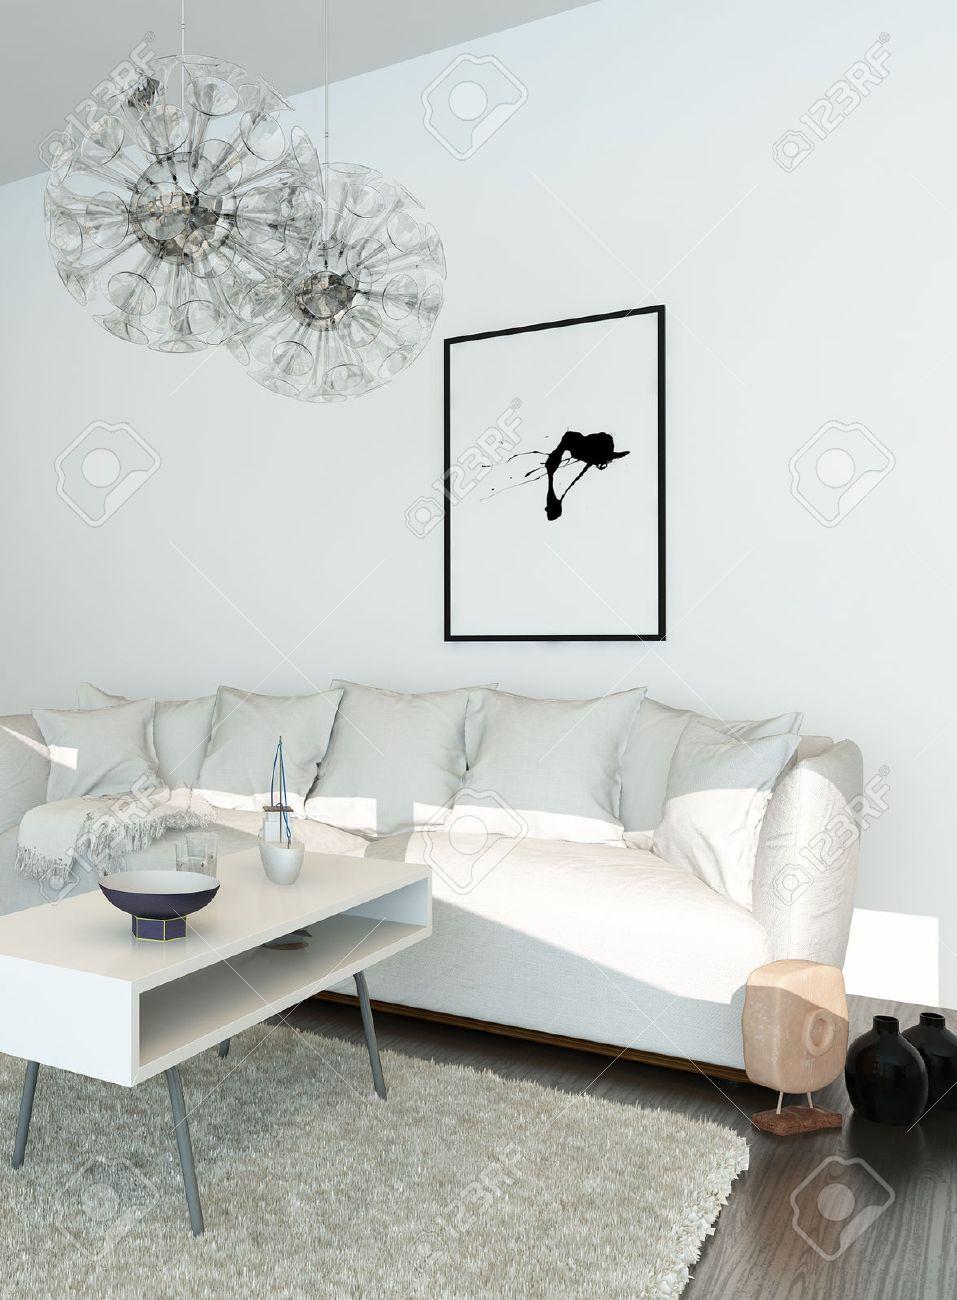 Modernes Wohnzimmer Mit Weißen Couch Standard Bild   31818993